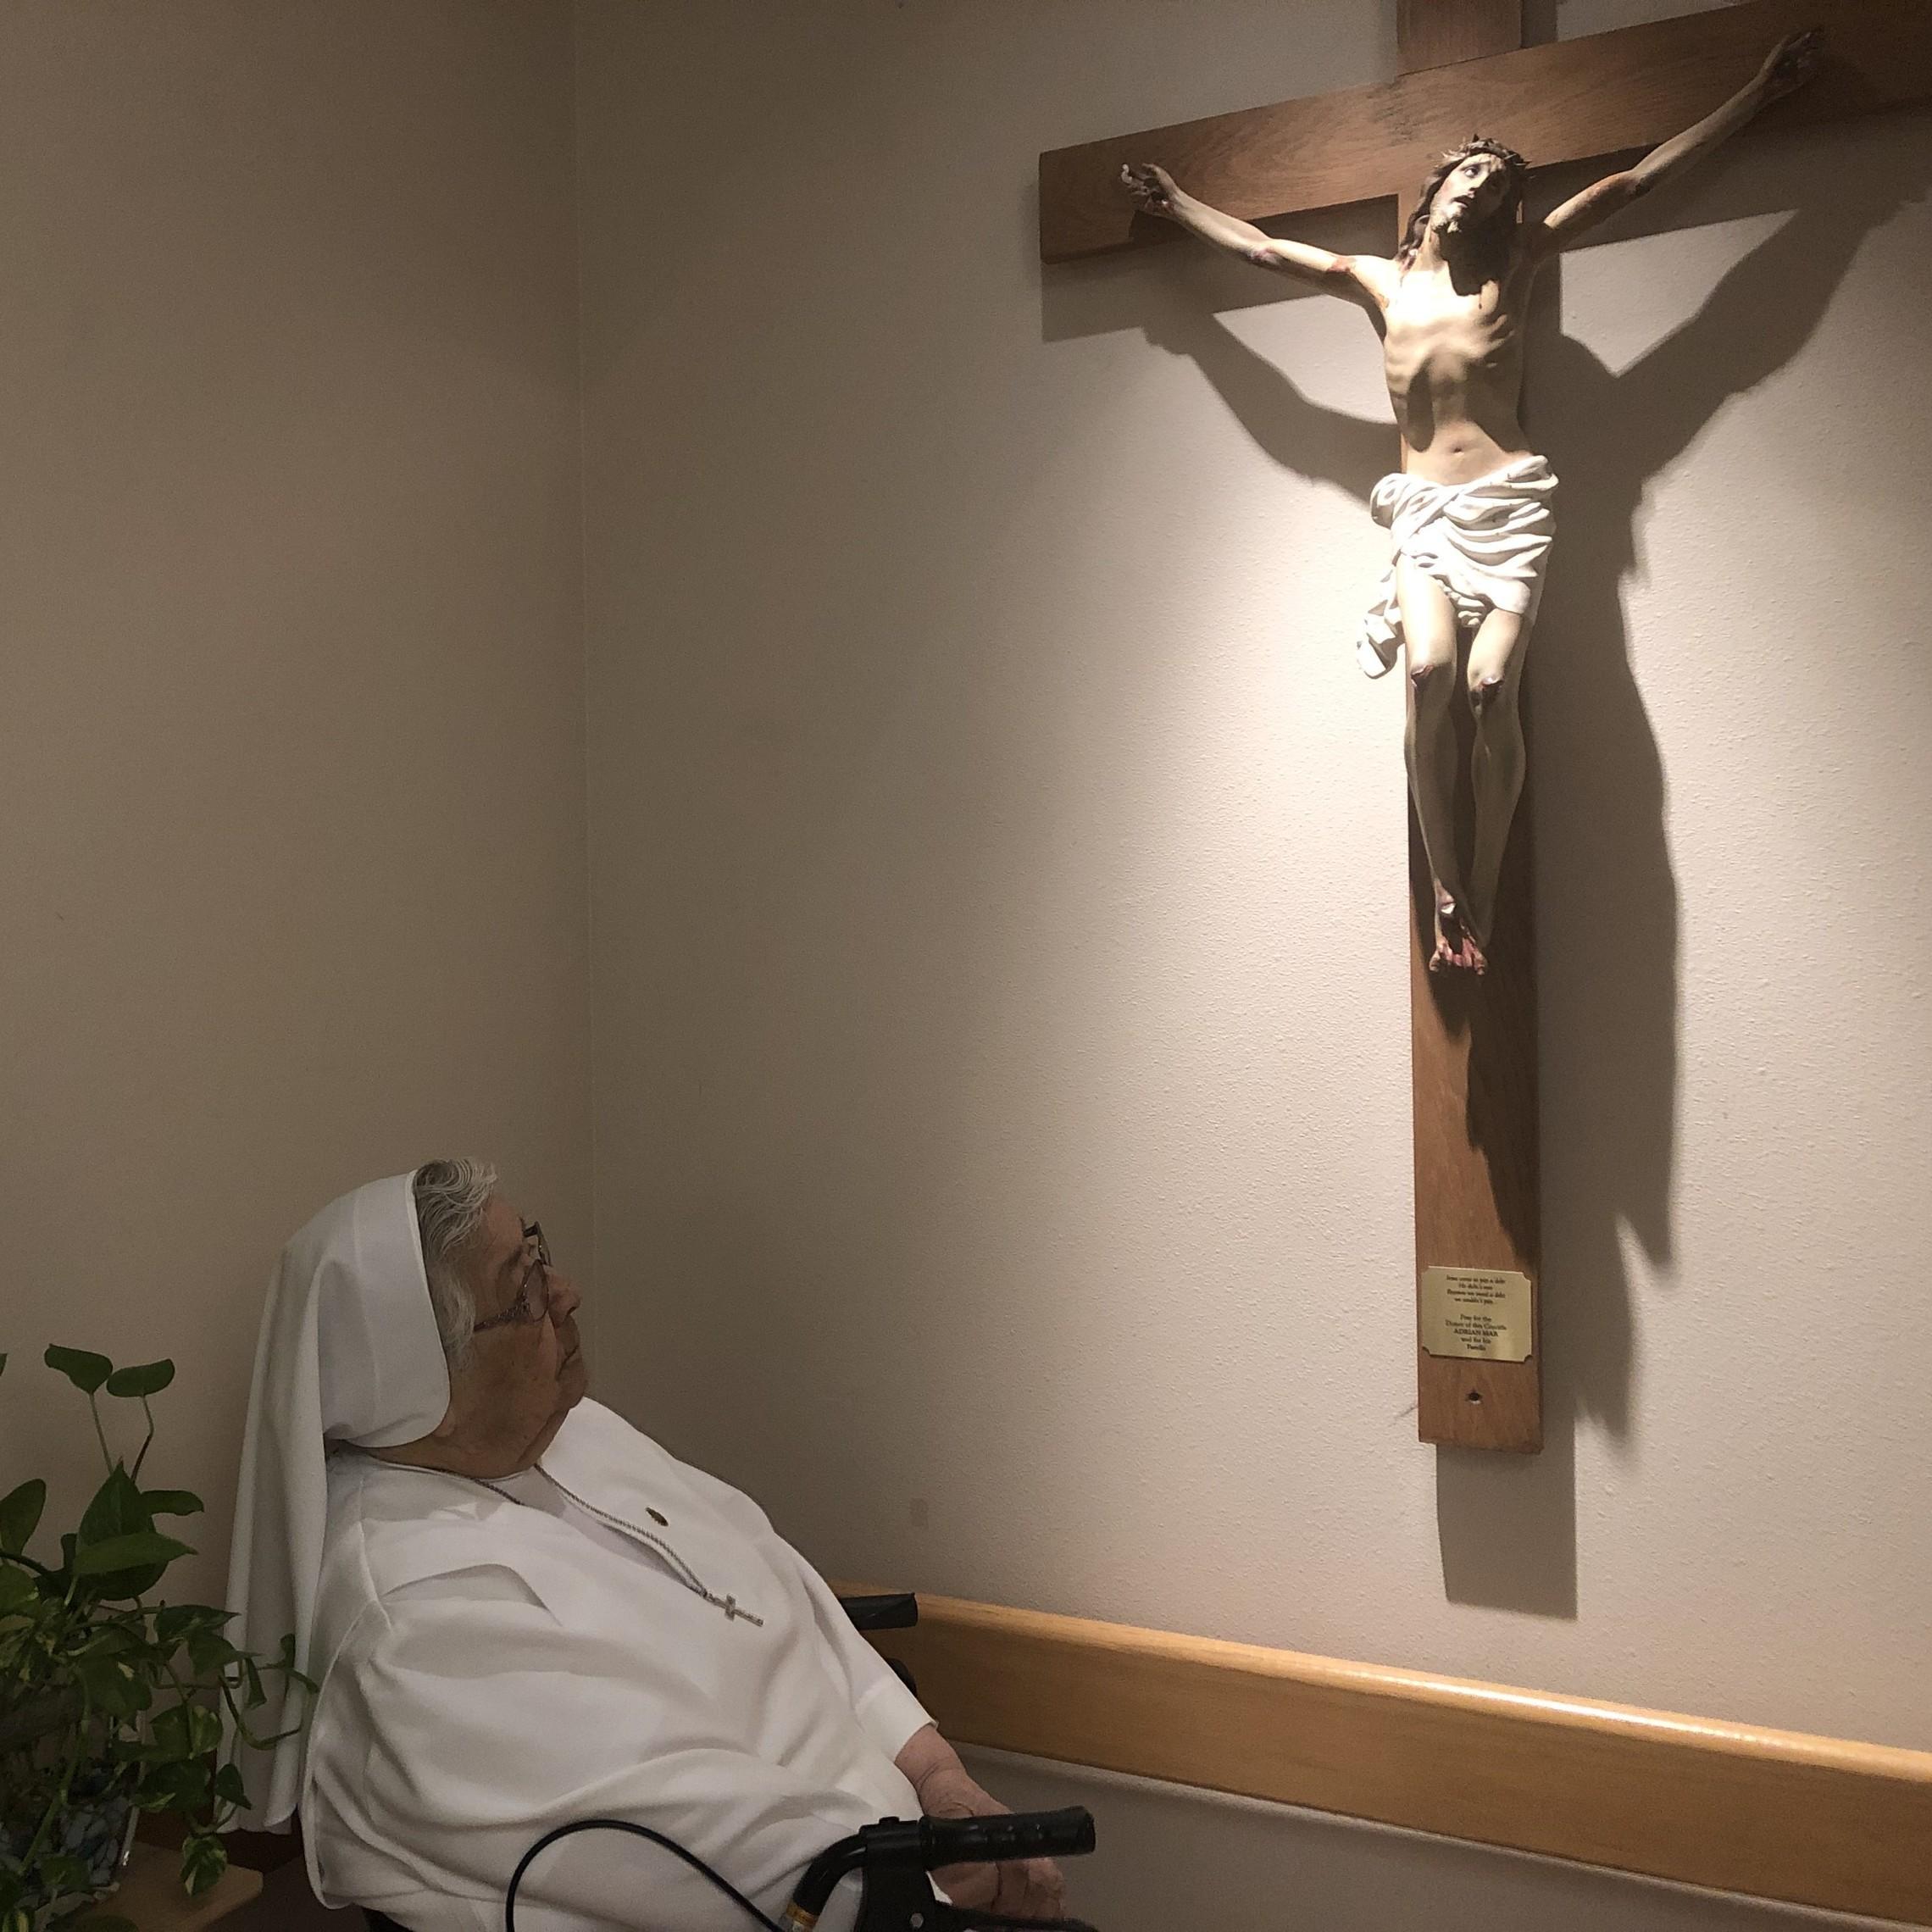 Sr. Sara Praying